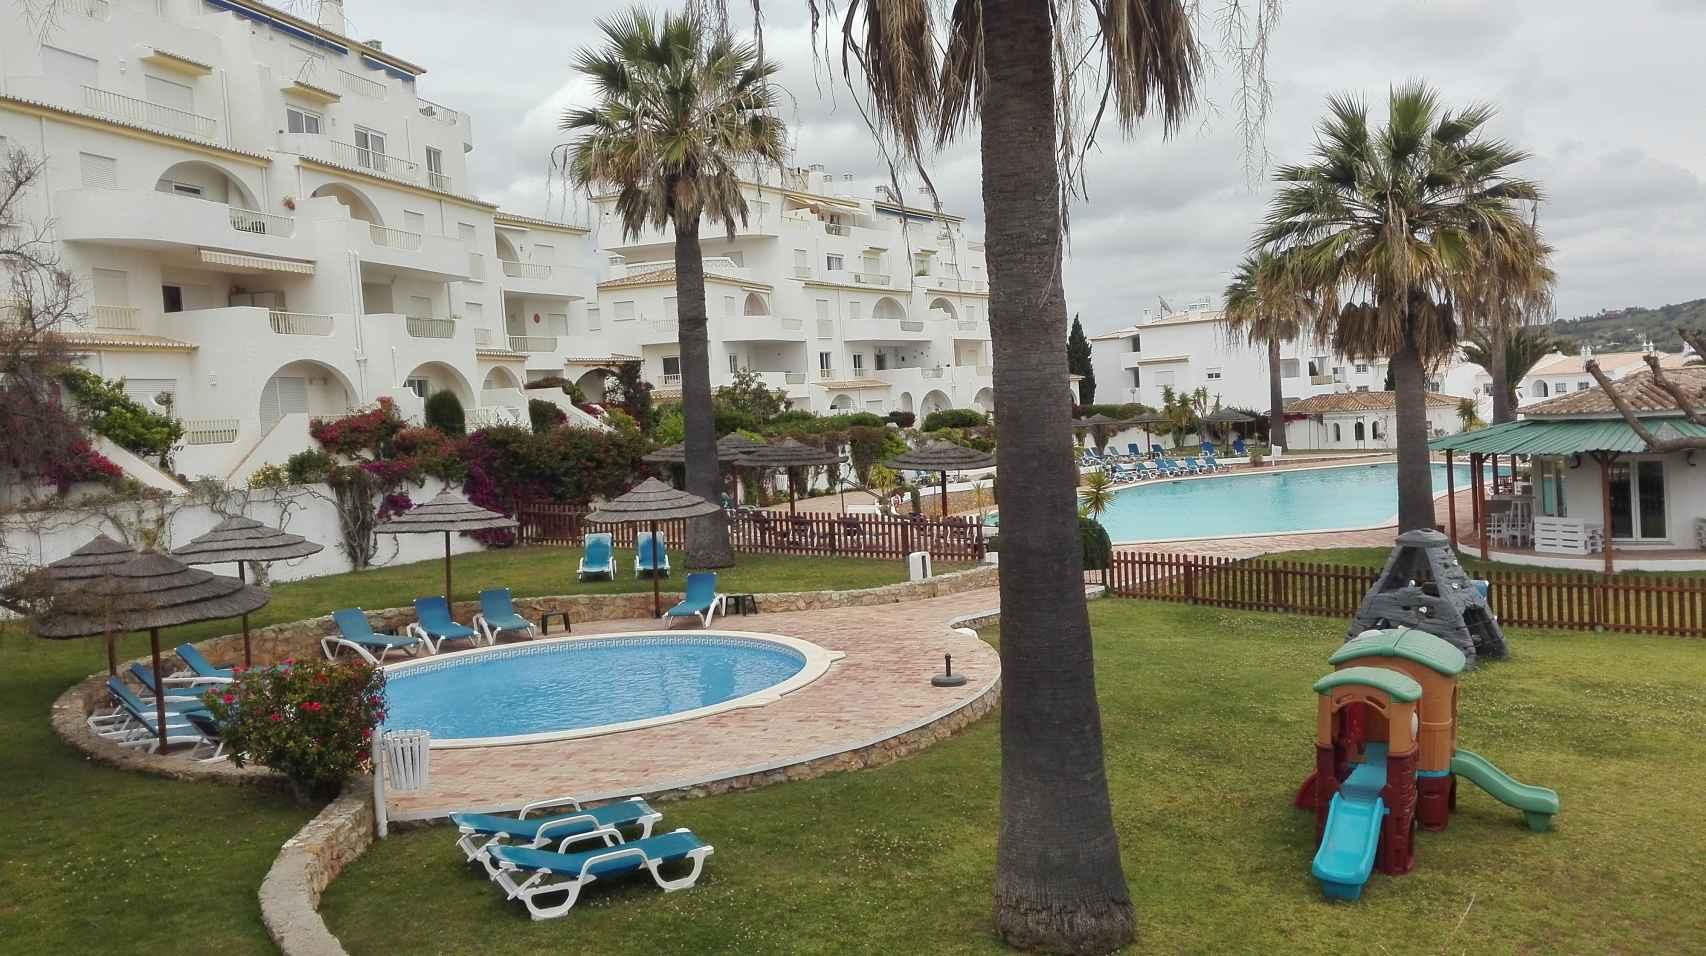 La piscina del complejo Ocean Club donde estaban alojados los McCann en mayo de 2007.